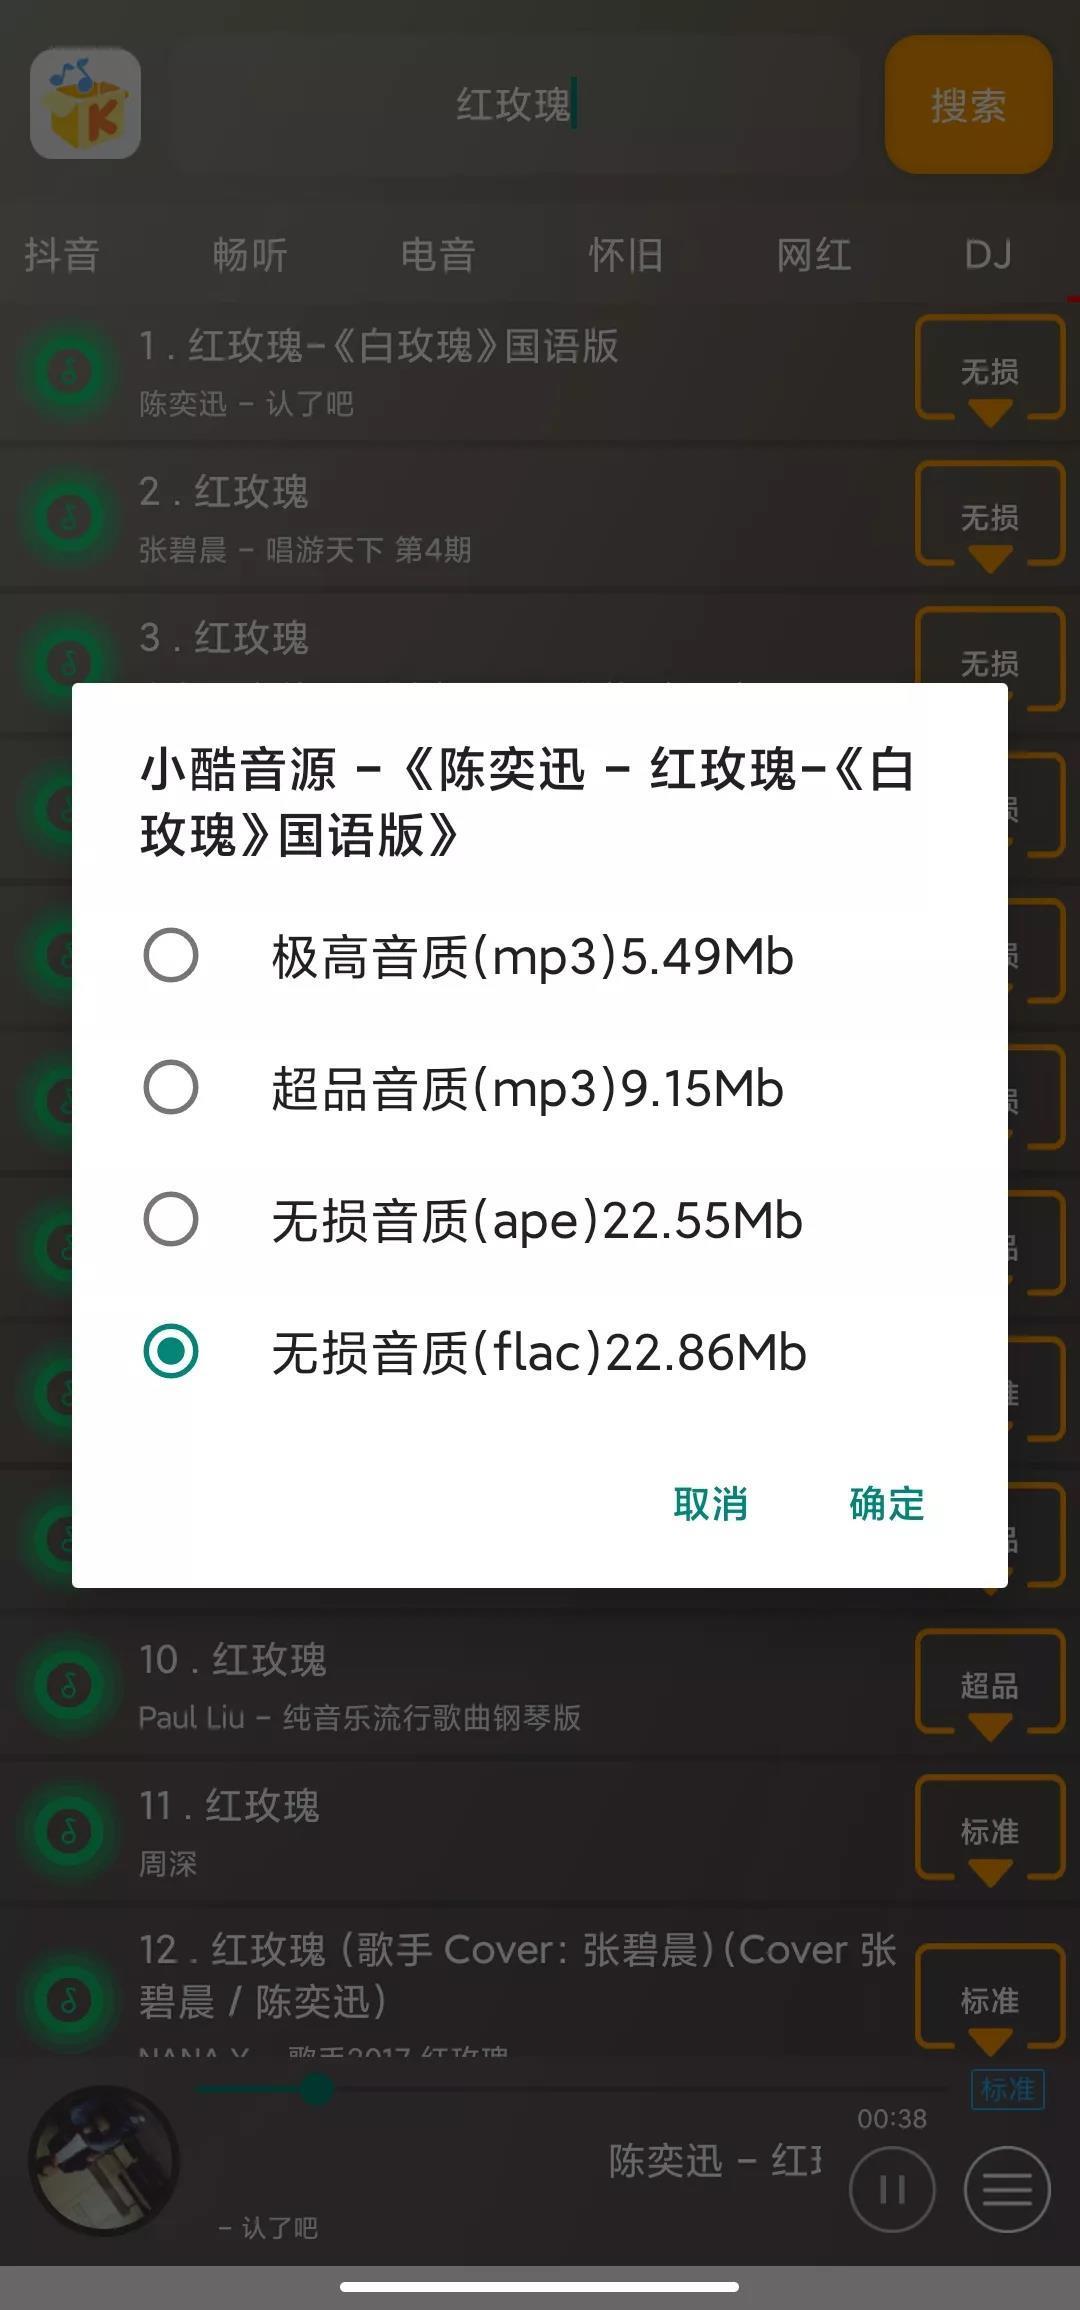 5fcb64cb394ac52378724f81 搜云音乐--安装便是永久会员